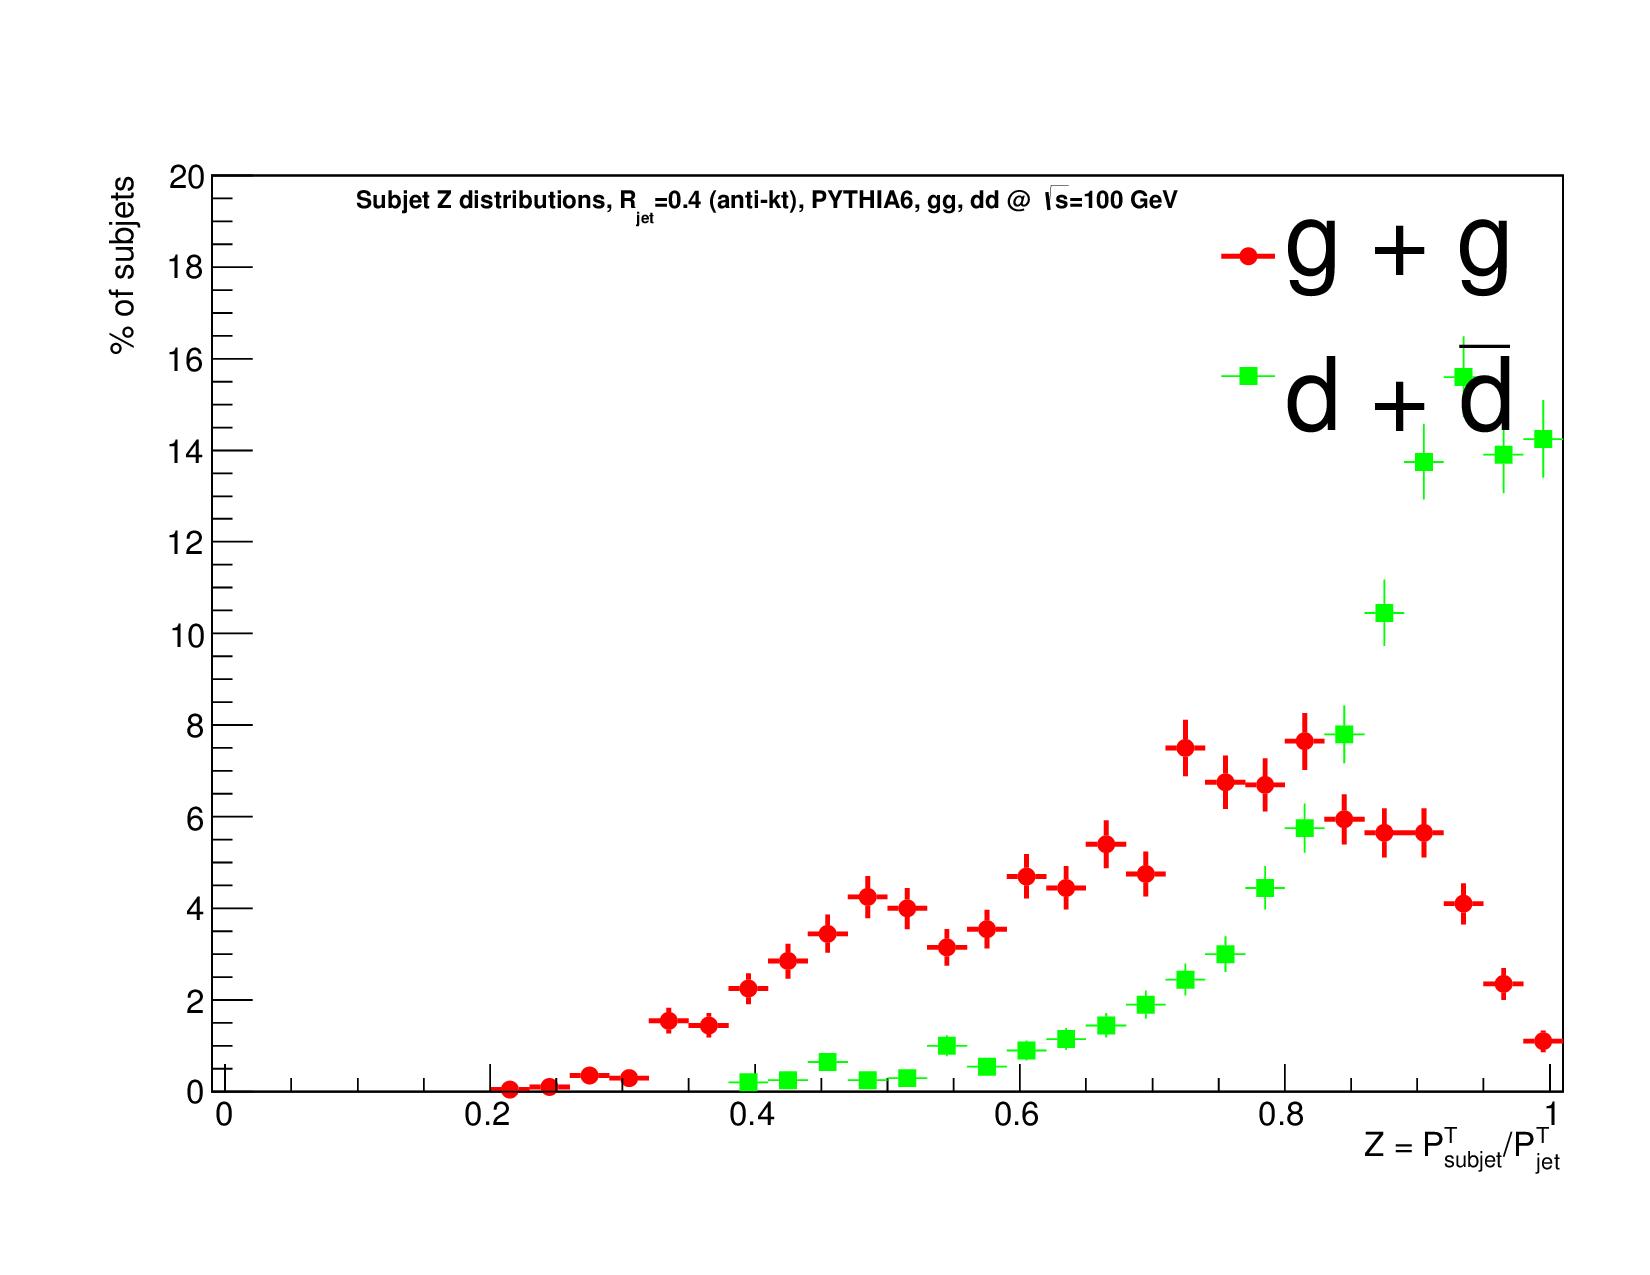 ZL1_Rsub0.1_qq_gg.png